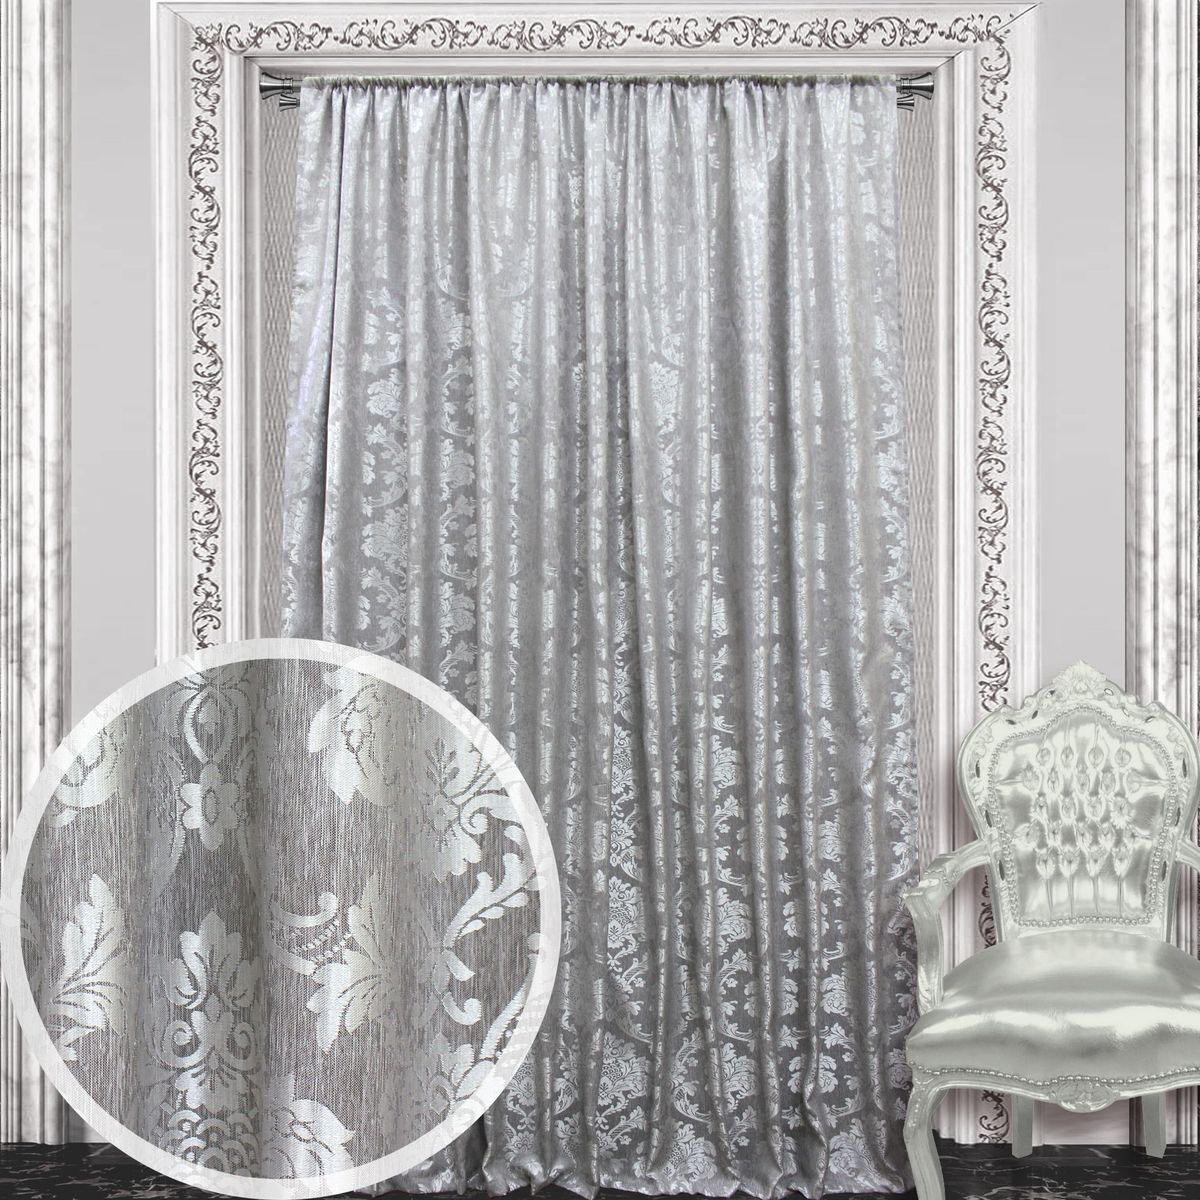 Штора Amore Mio, на ленте, цвет: серый, высота 270 см. 86052VCA-00Штора Amore Mio с роскошным рисунком изготовлена из 100% полиэстера. Полиэстер - вид ткани, состоящий из полиэфирных волокон. Ткани из полиэстера легкие, прочные и износостойкие. Такие изделия не требуют специального ухода, не пылятся и почти не мнутся.Крепление к карнизу осуществляется при помощи вшитой шторной ленты.